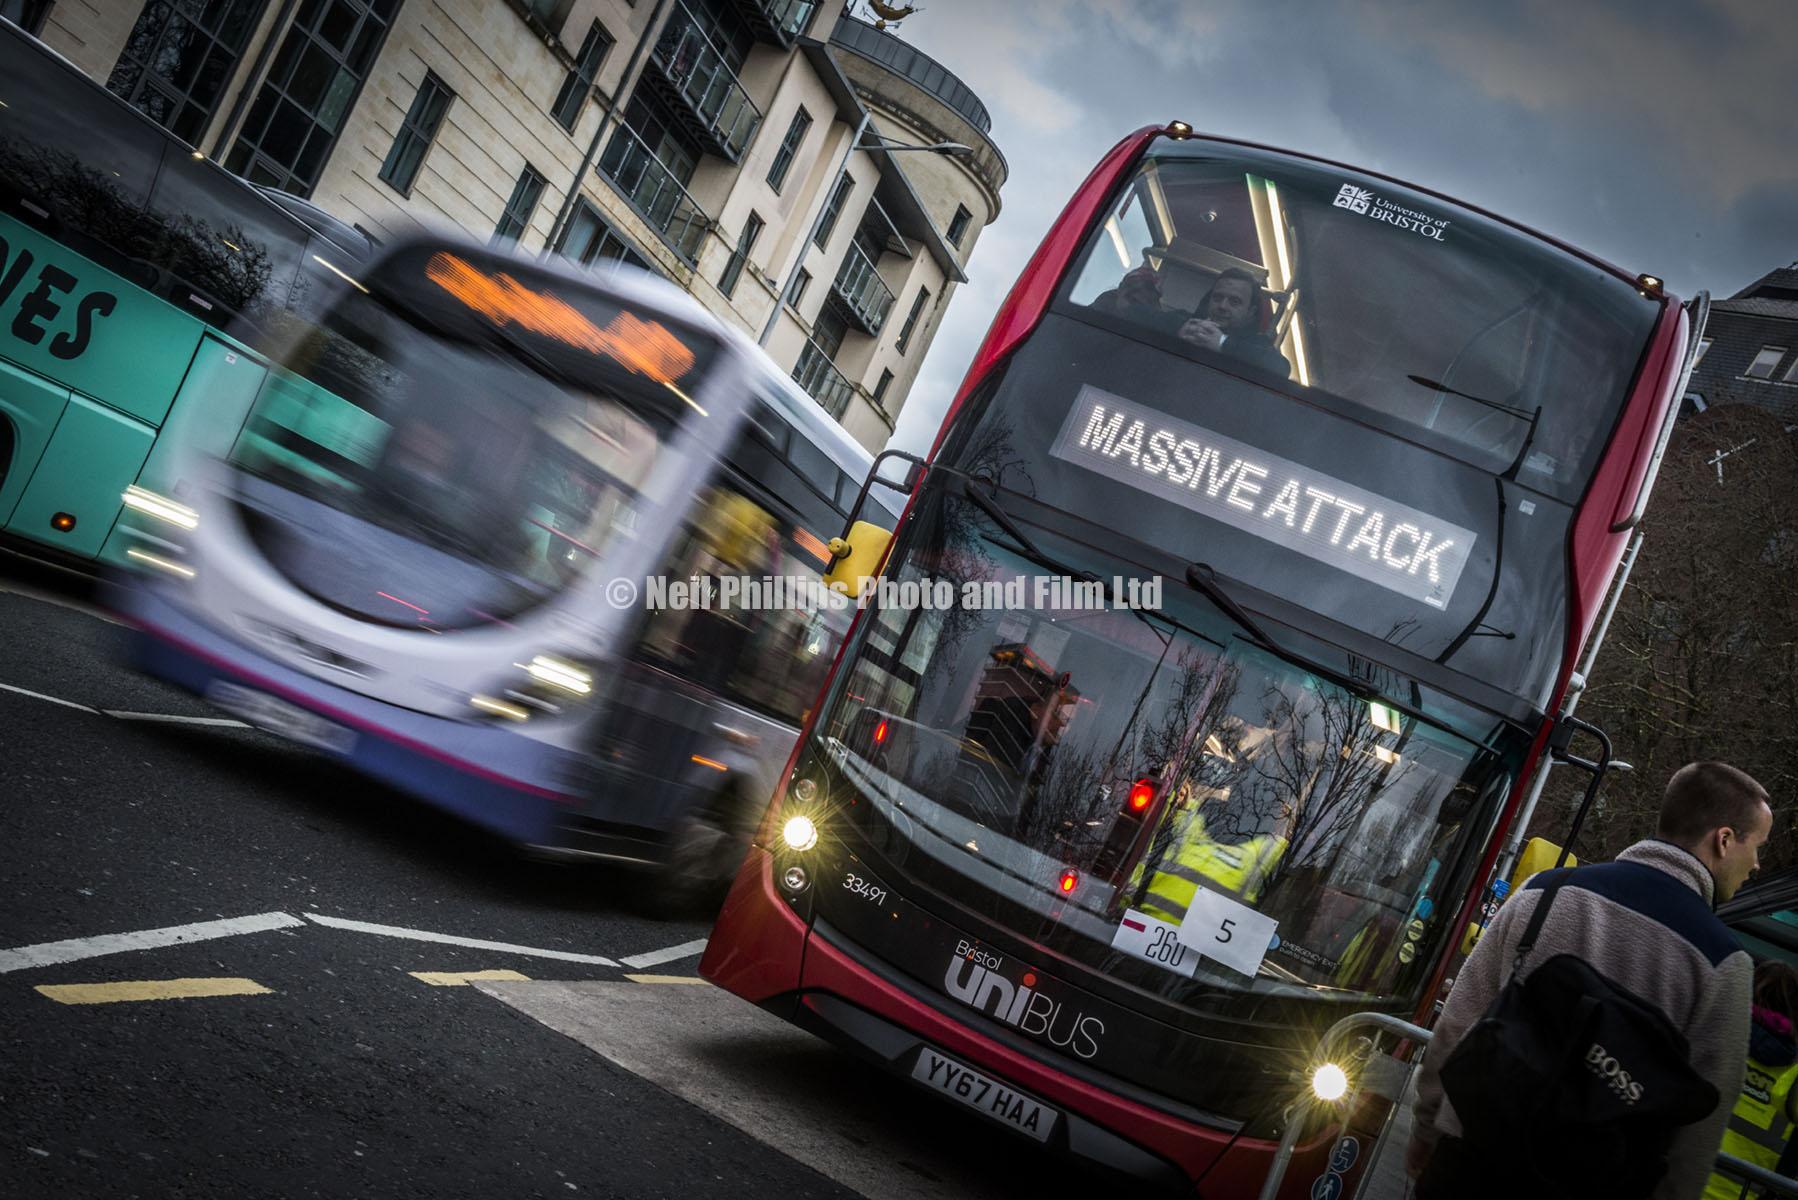 Massive Attack Bus, Bristol